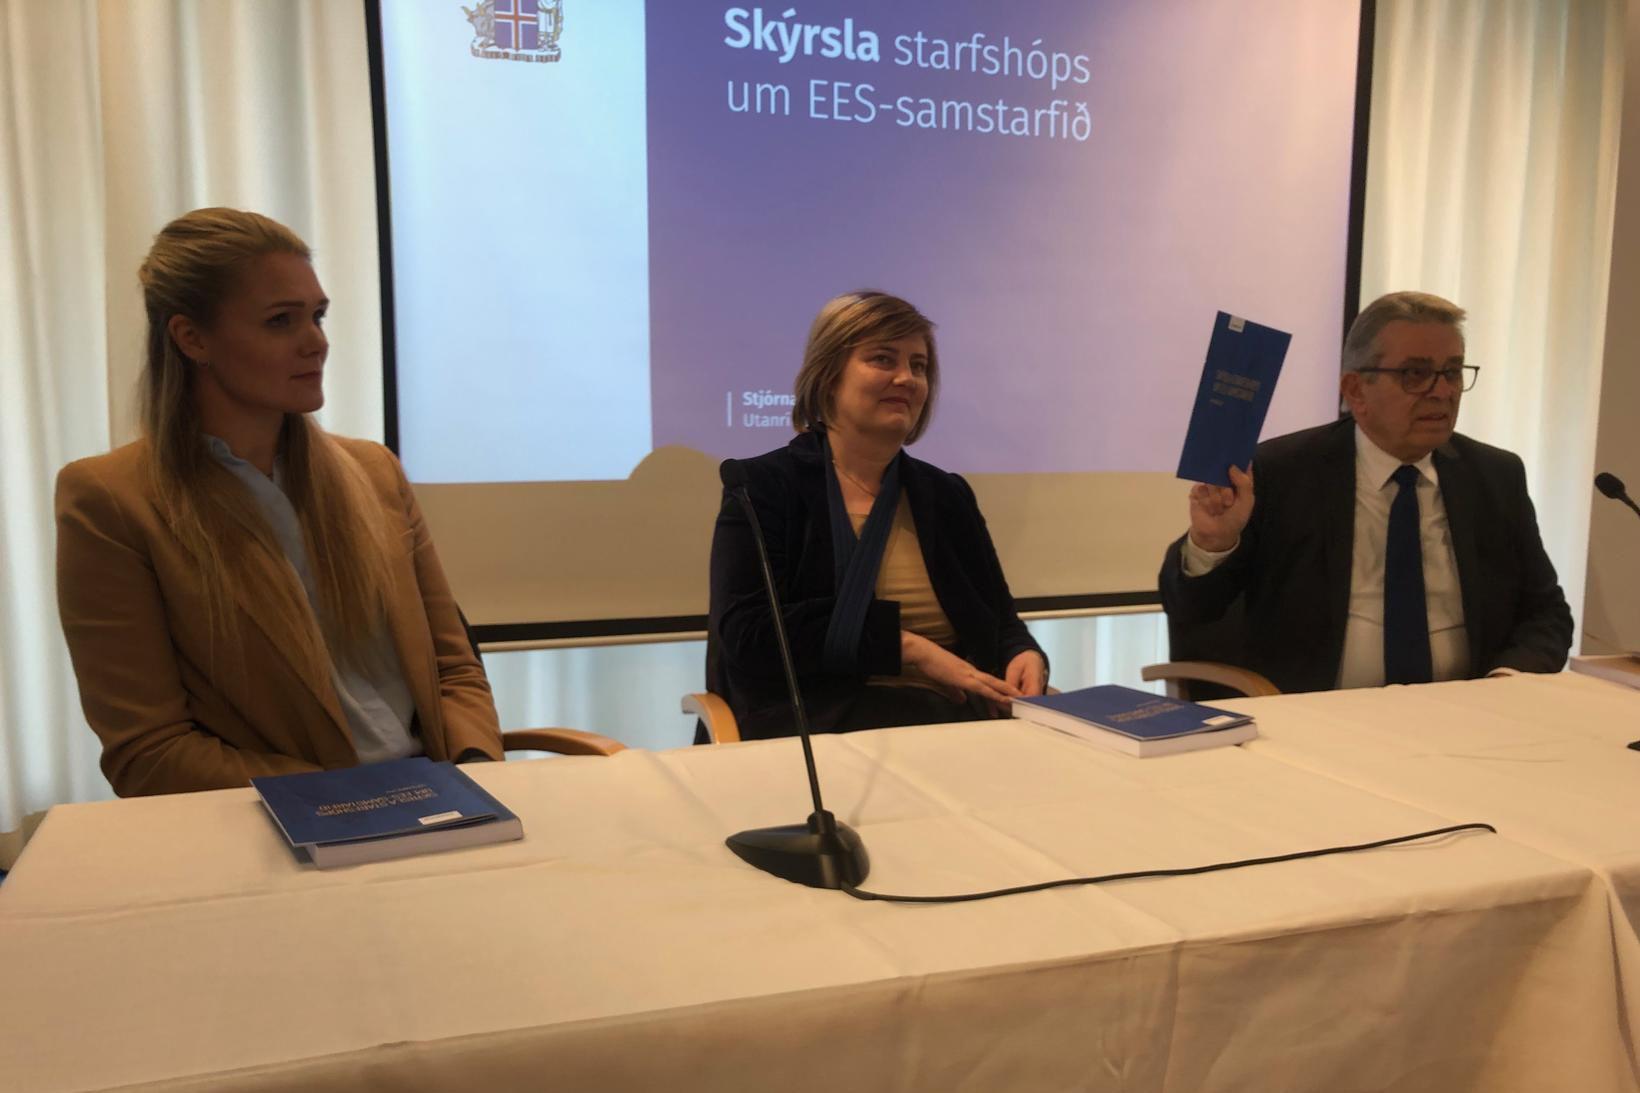 Starfshópur um EES-samstarfið. Frá vinstri: Bergþóra Halldórsdóttir, Kristrún Heimisdóttir og …